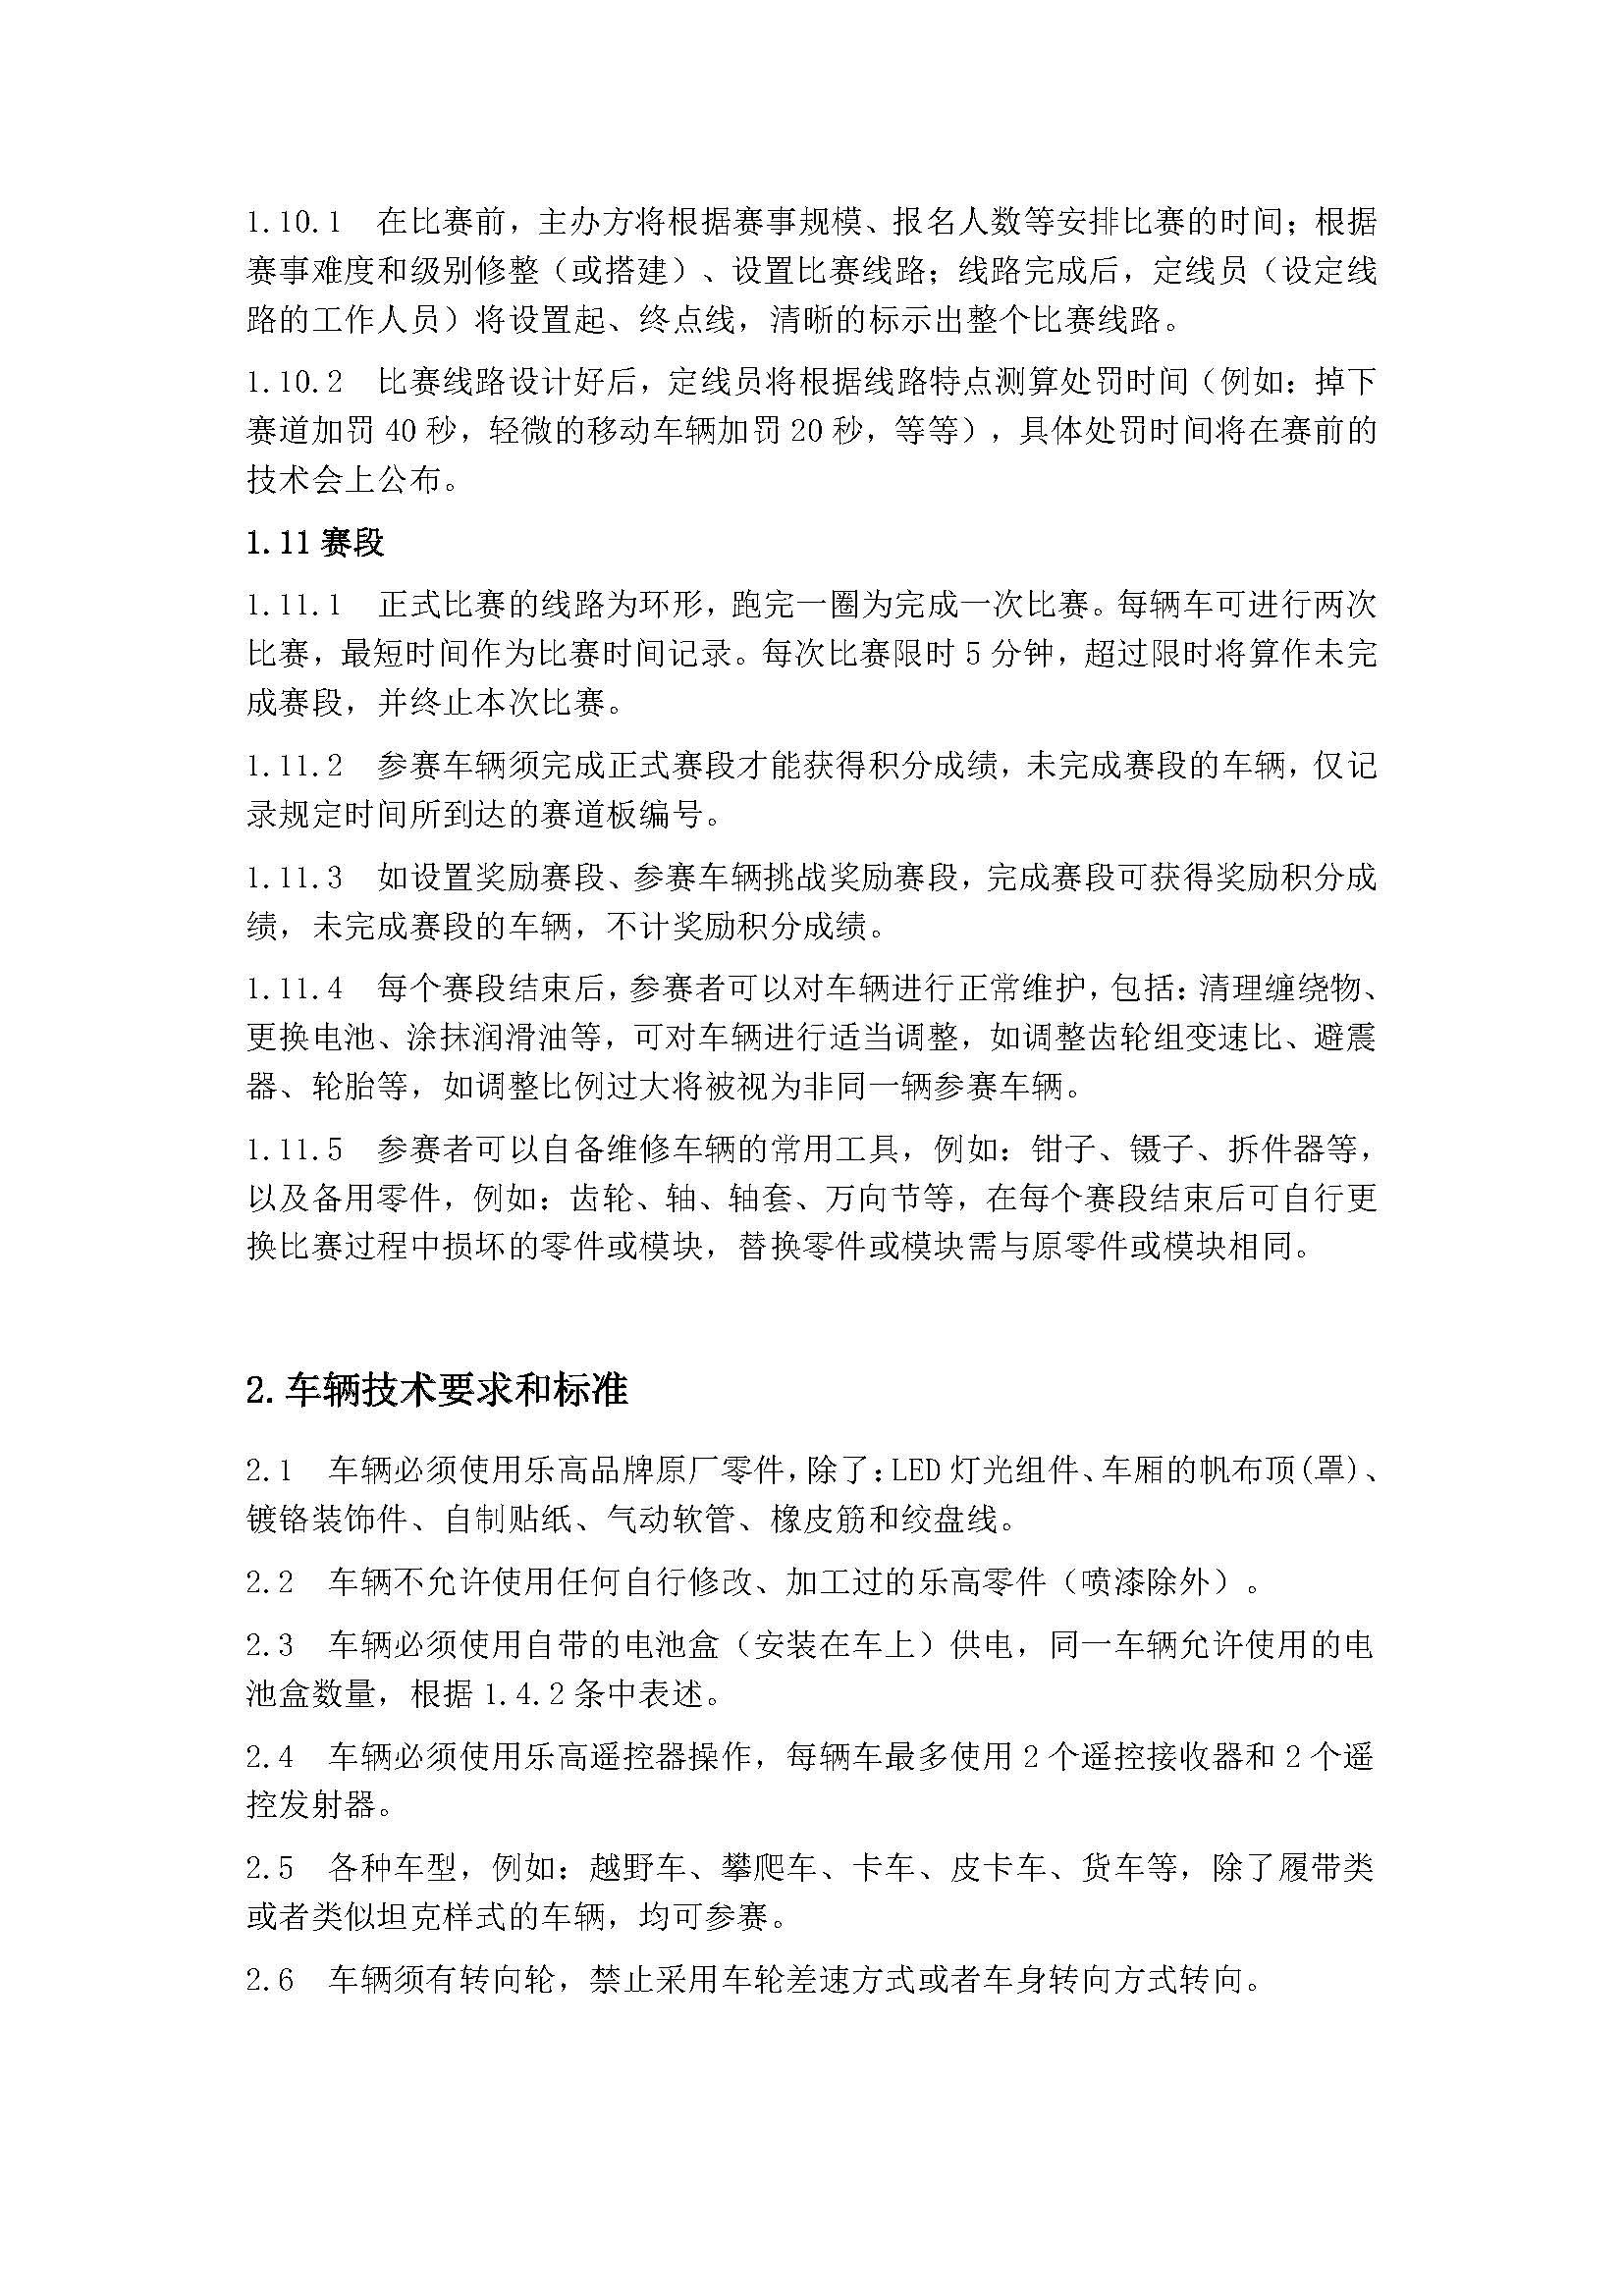 乐高越野车比赛规则_V8_页面_06